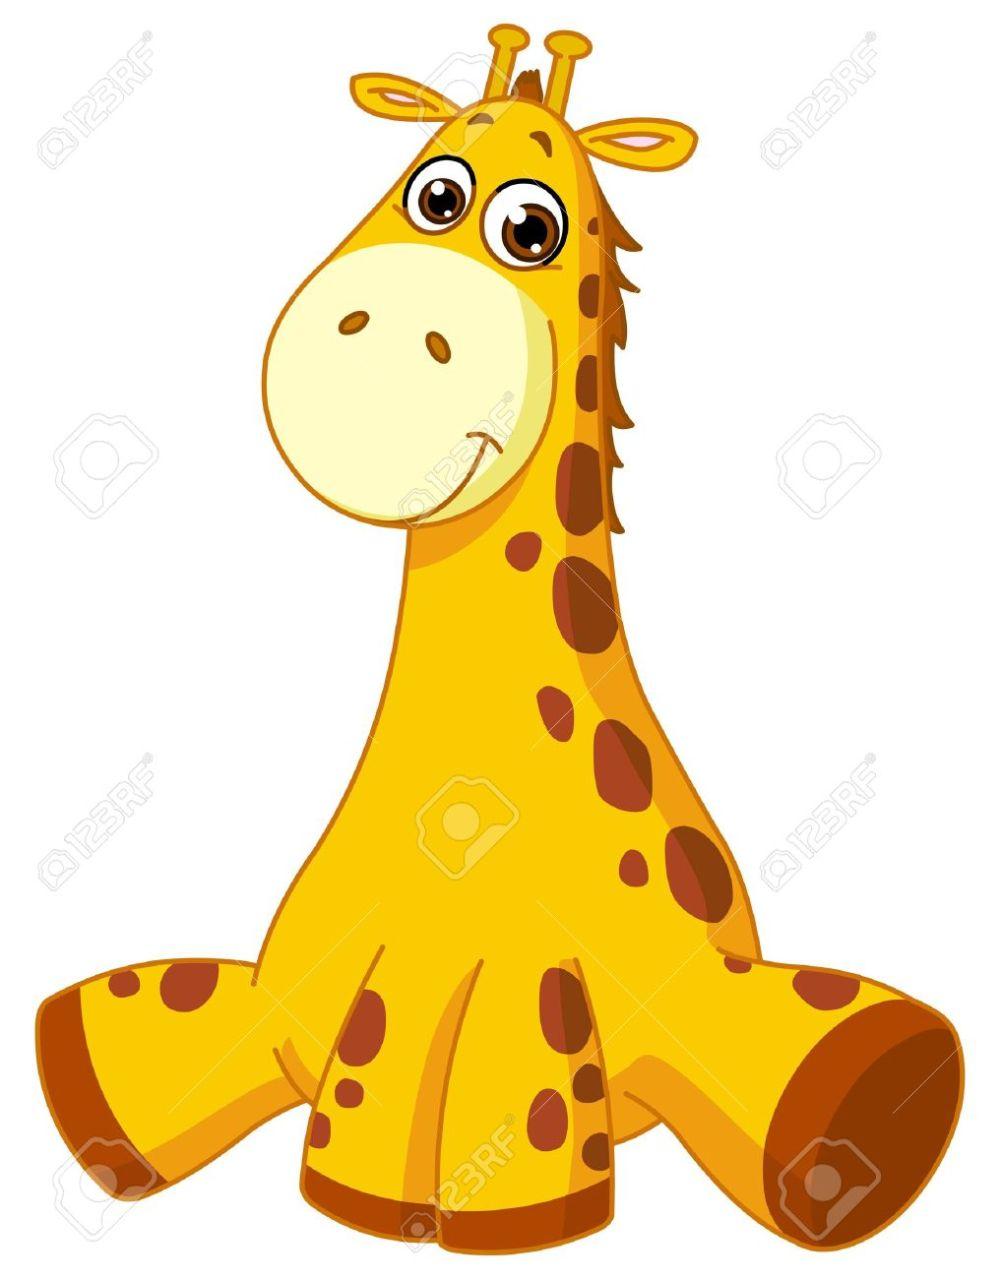 medium resolution of baby giraffe illustration